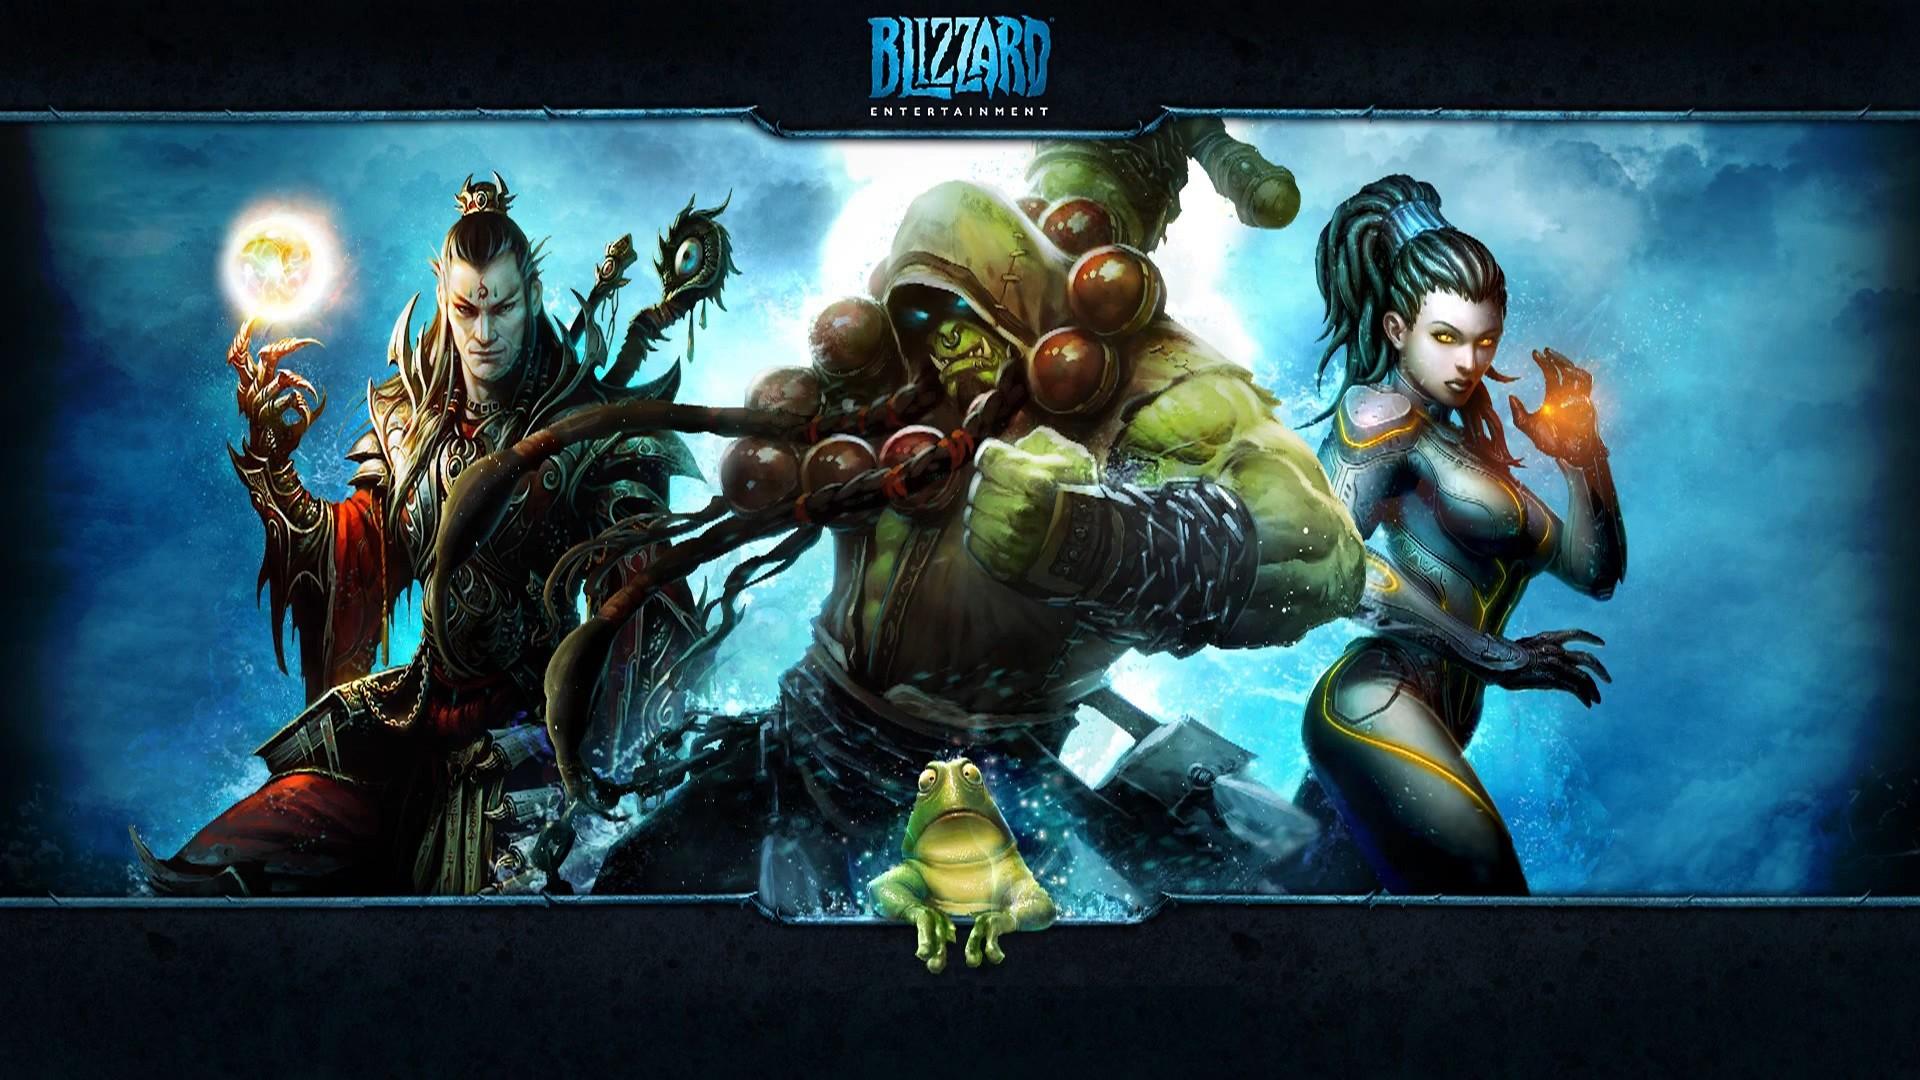 Blizzard Entertainment Background Blizzard Entertainment